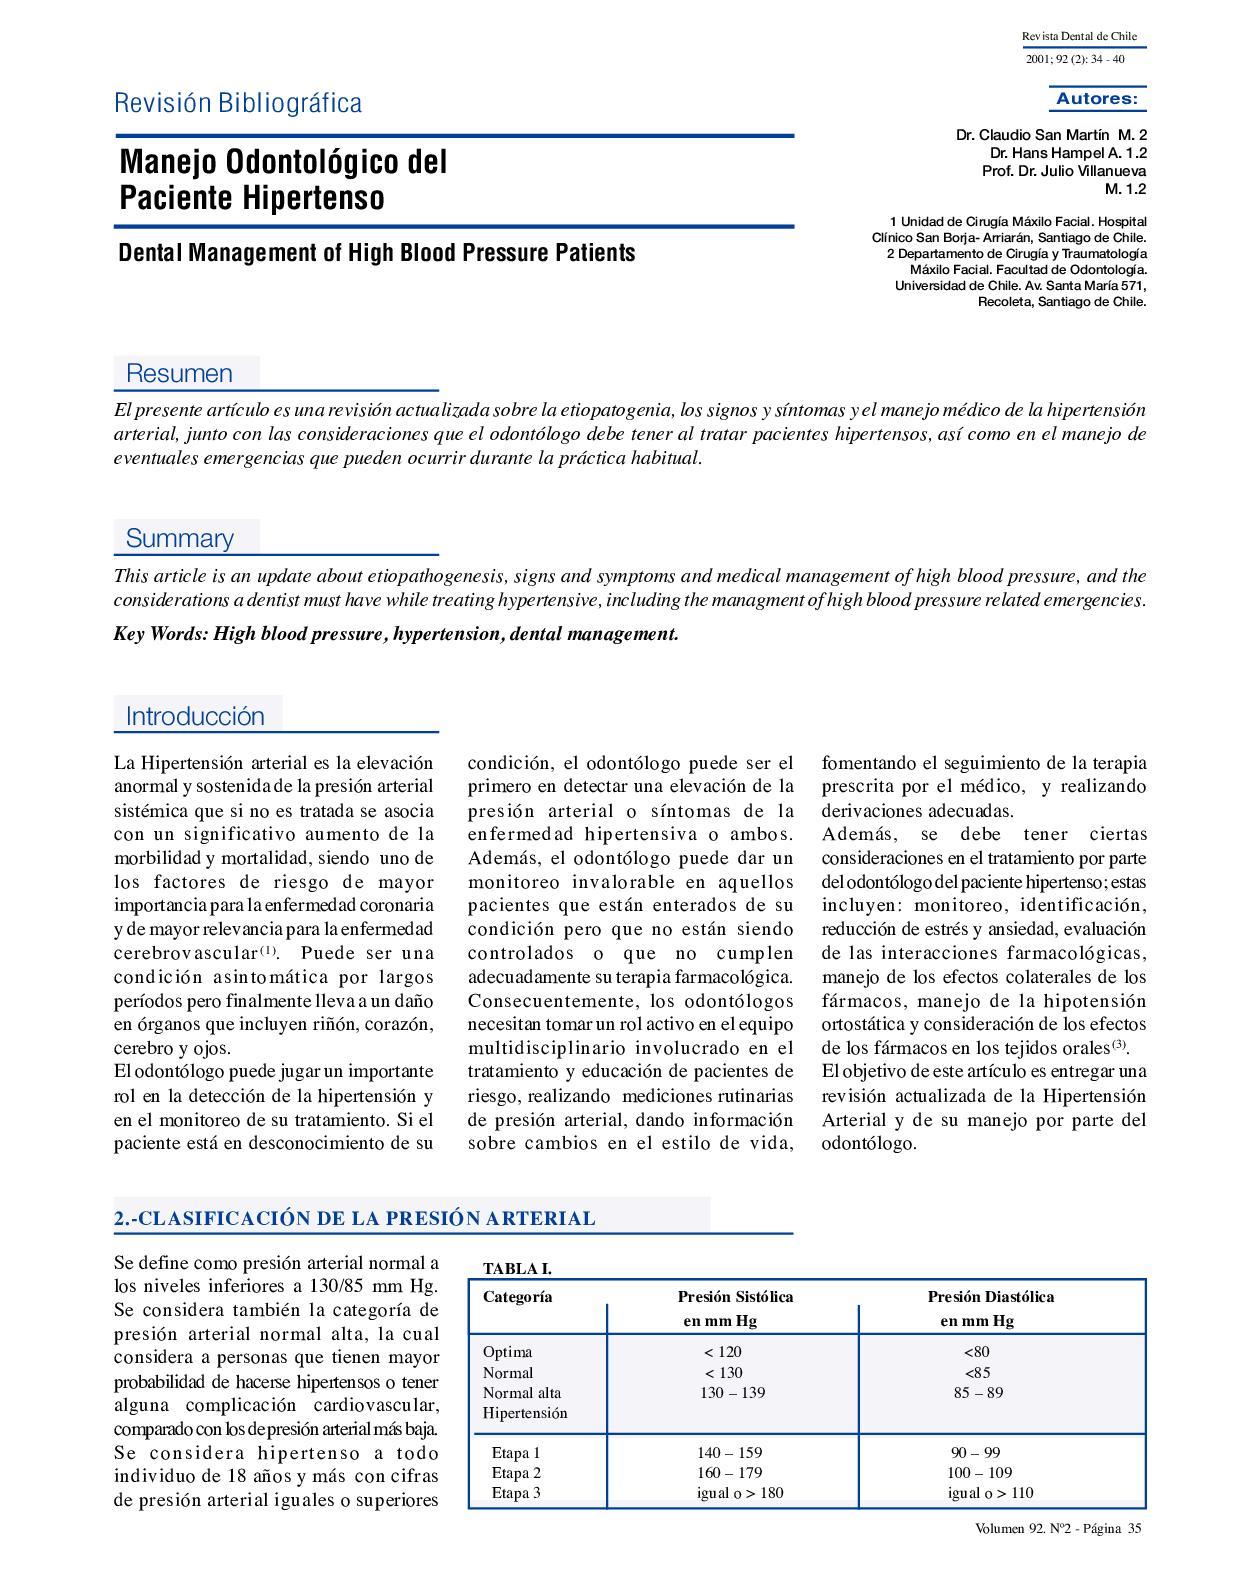 Hipertensión esencial benigna etapa 1